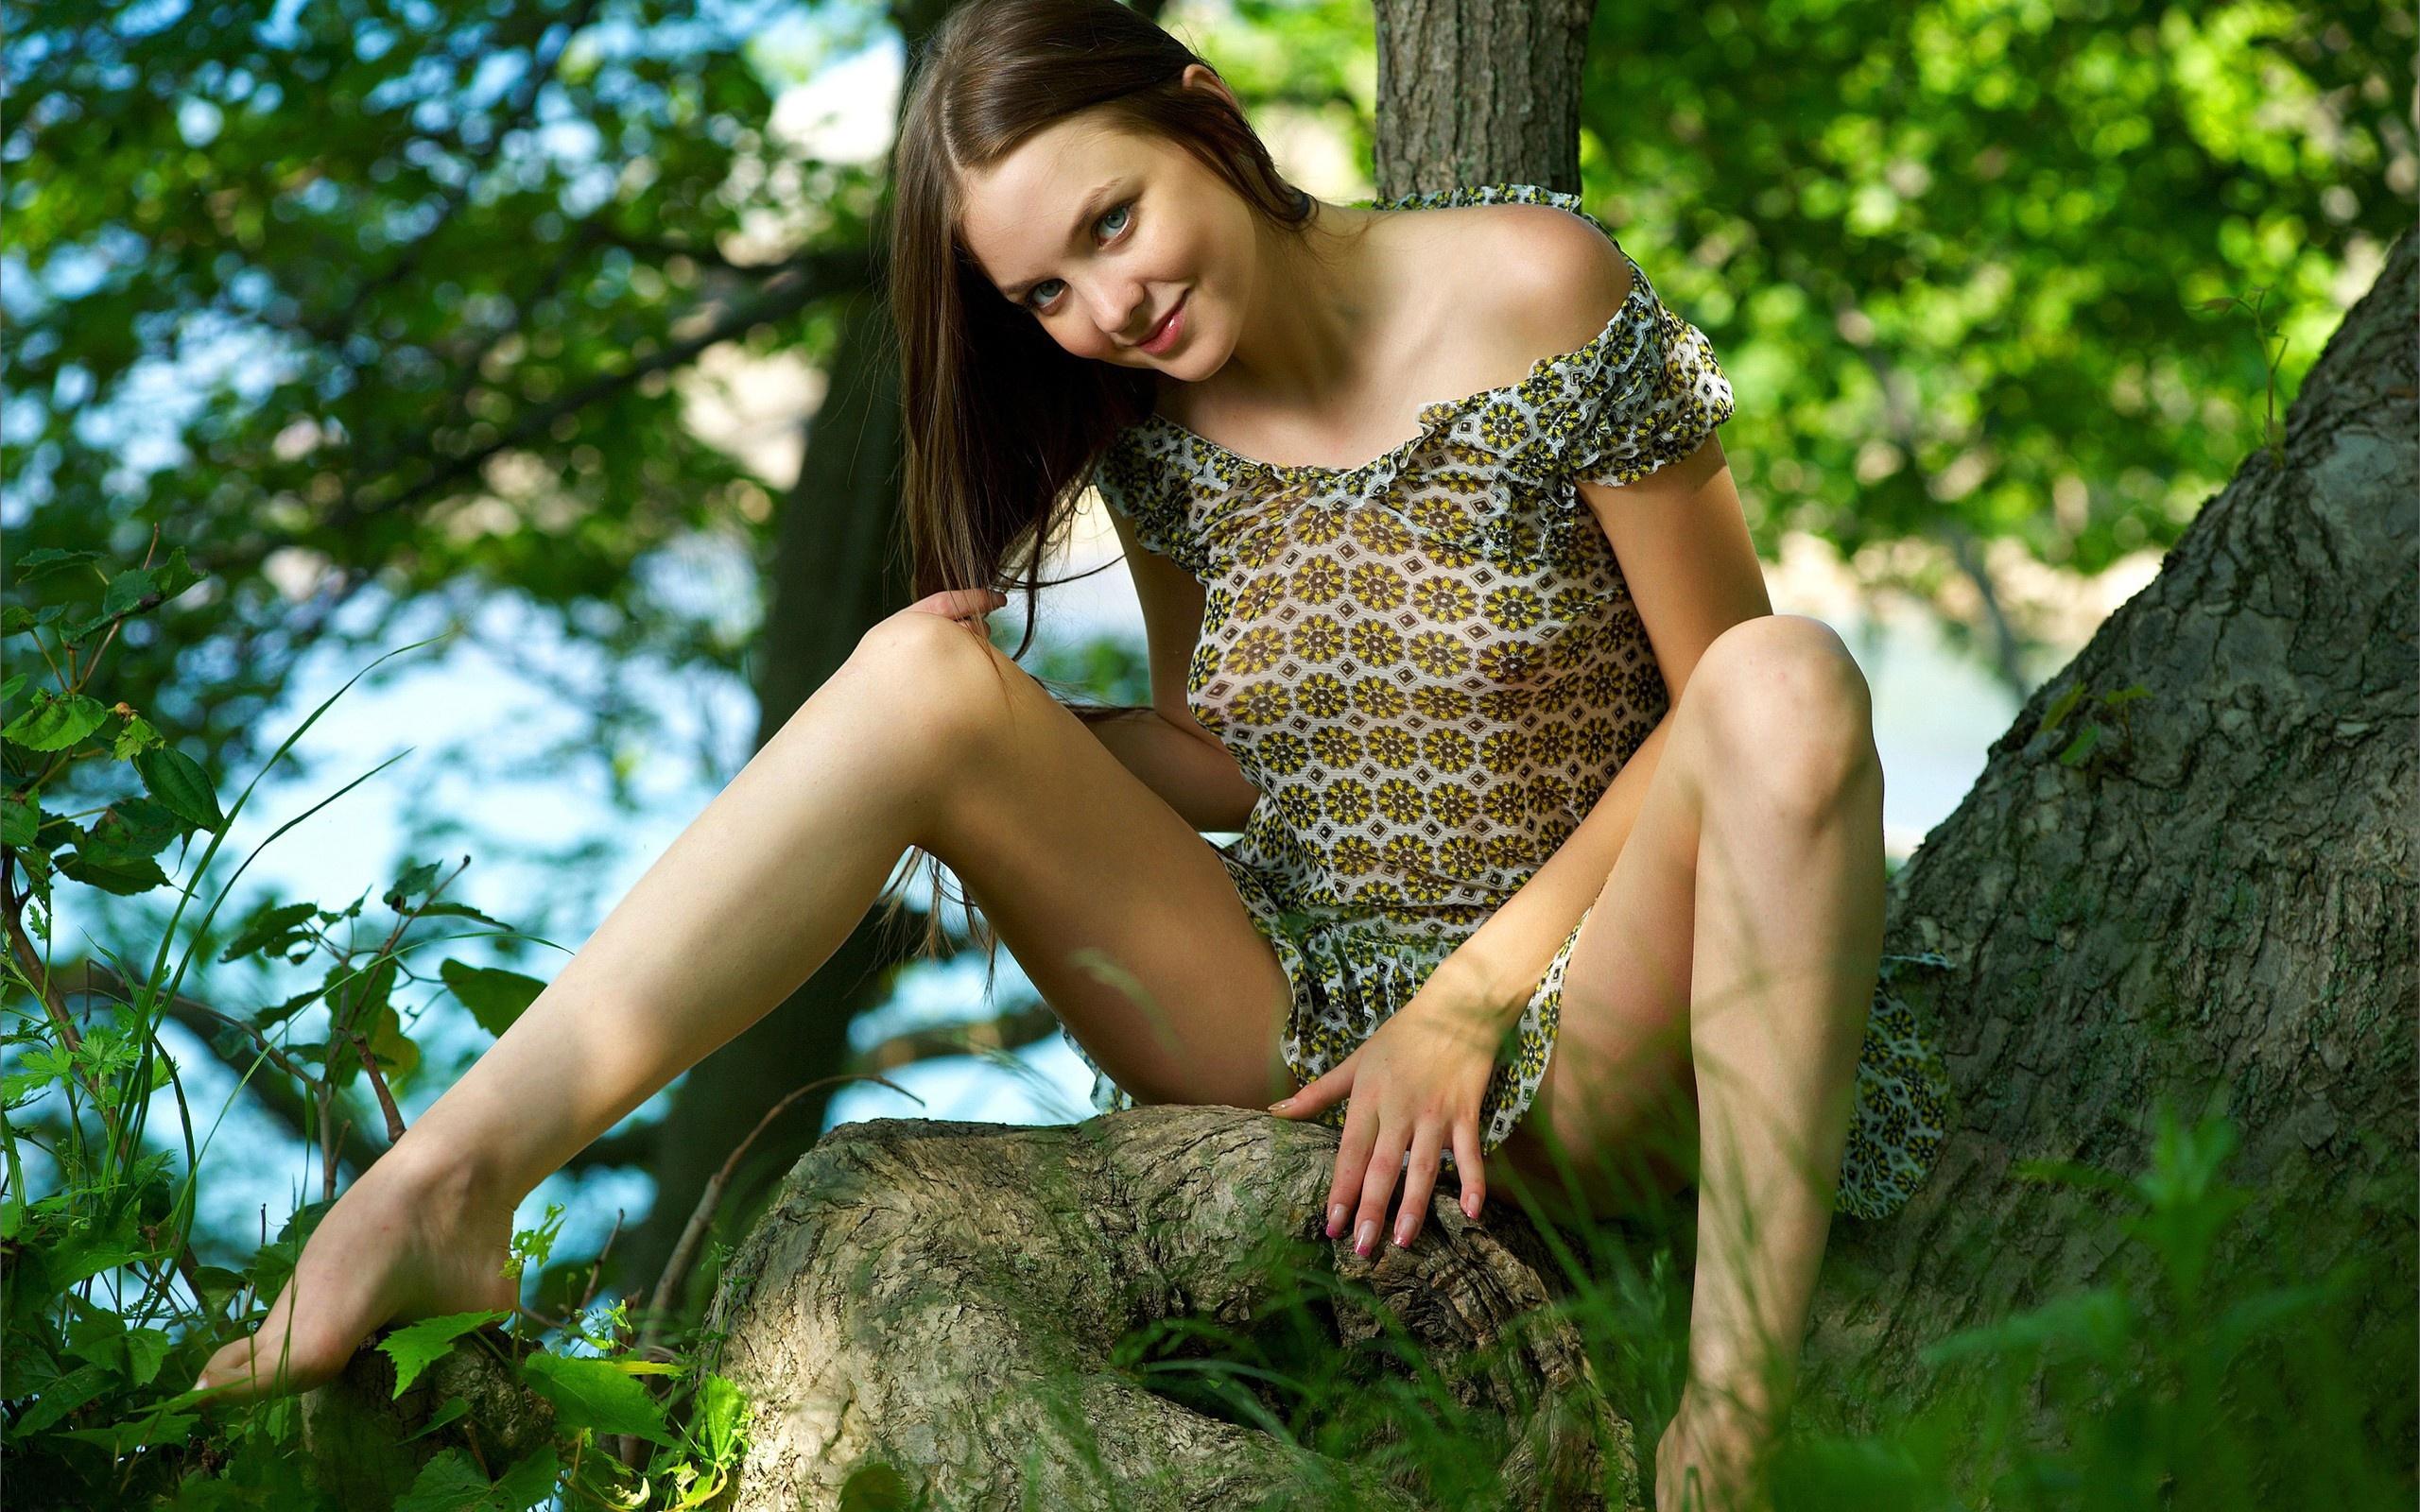 Молодая на природе оголила свое тело  81287